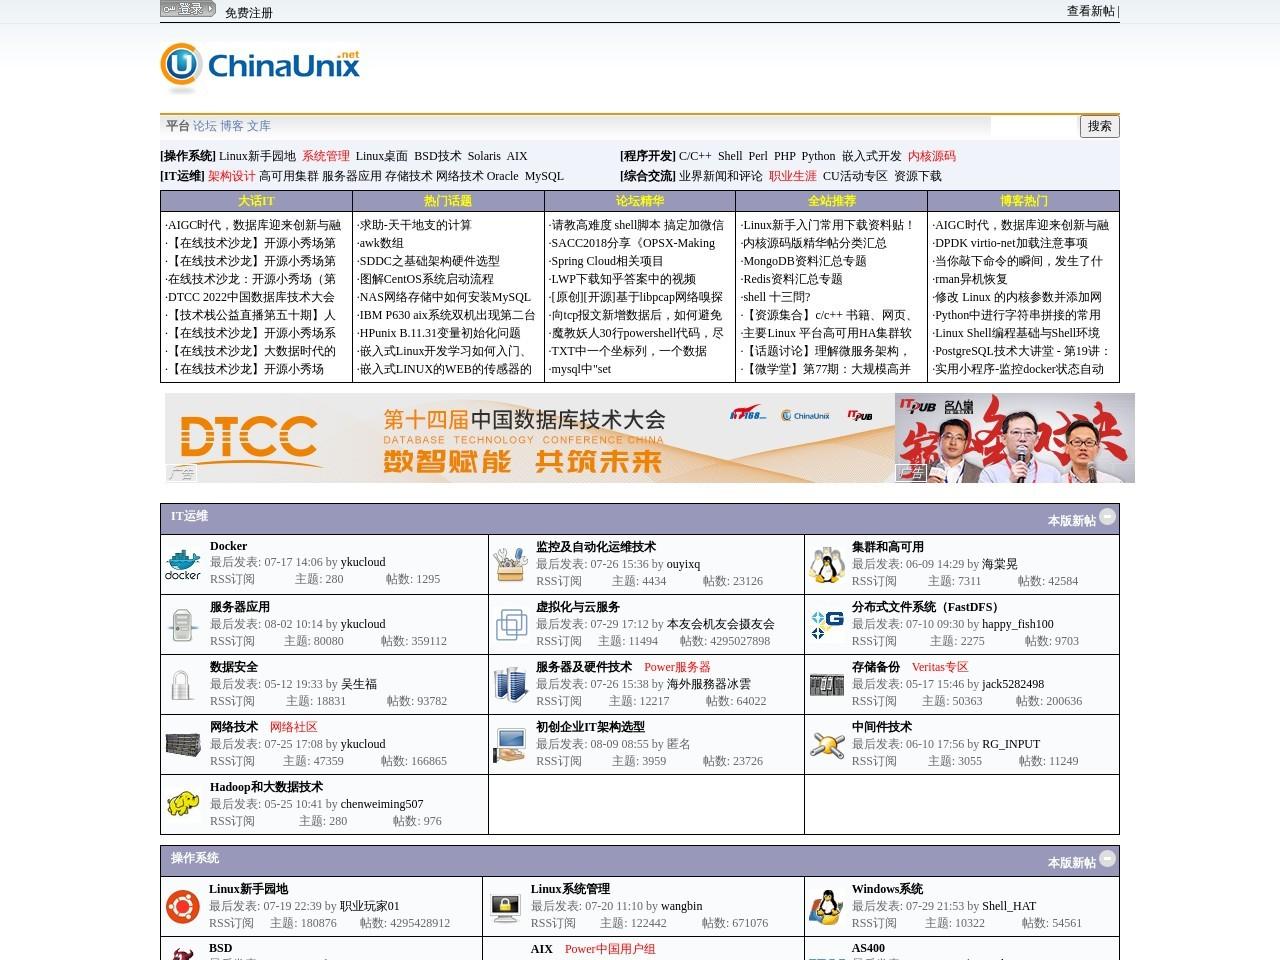 Unix技术网-专业的Linux/Unix应用与开发者社区